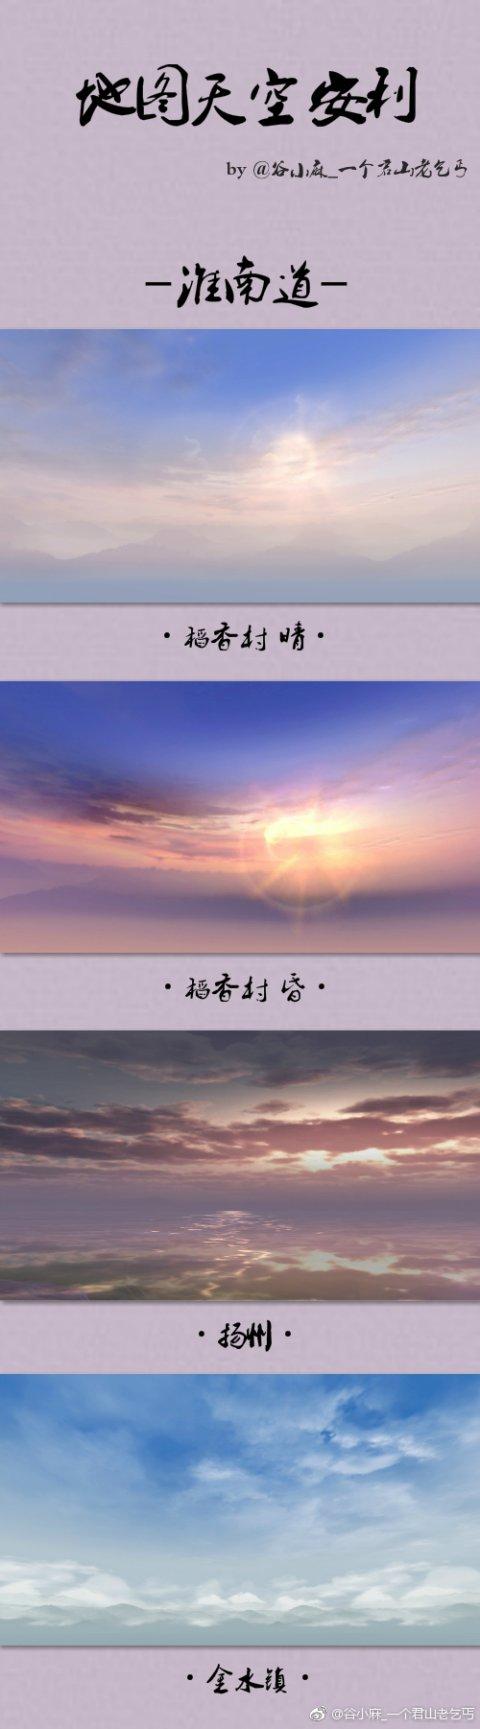 天空合集 (7).jpg